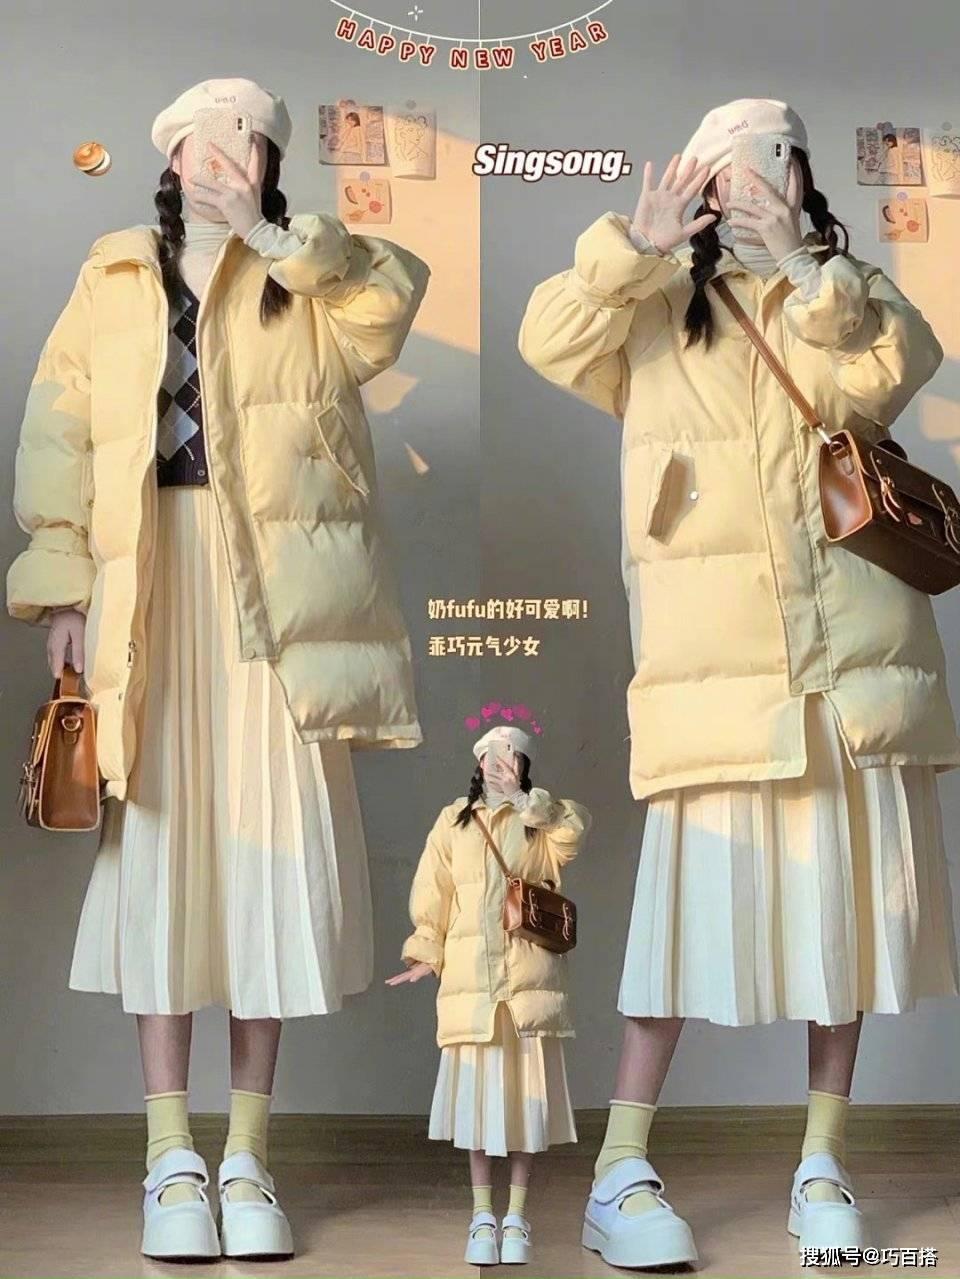 无论多大年纪的女人,羽绒服都建议选择这三种,轻松凹出时尚感